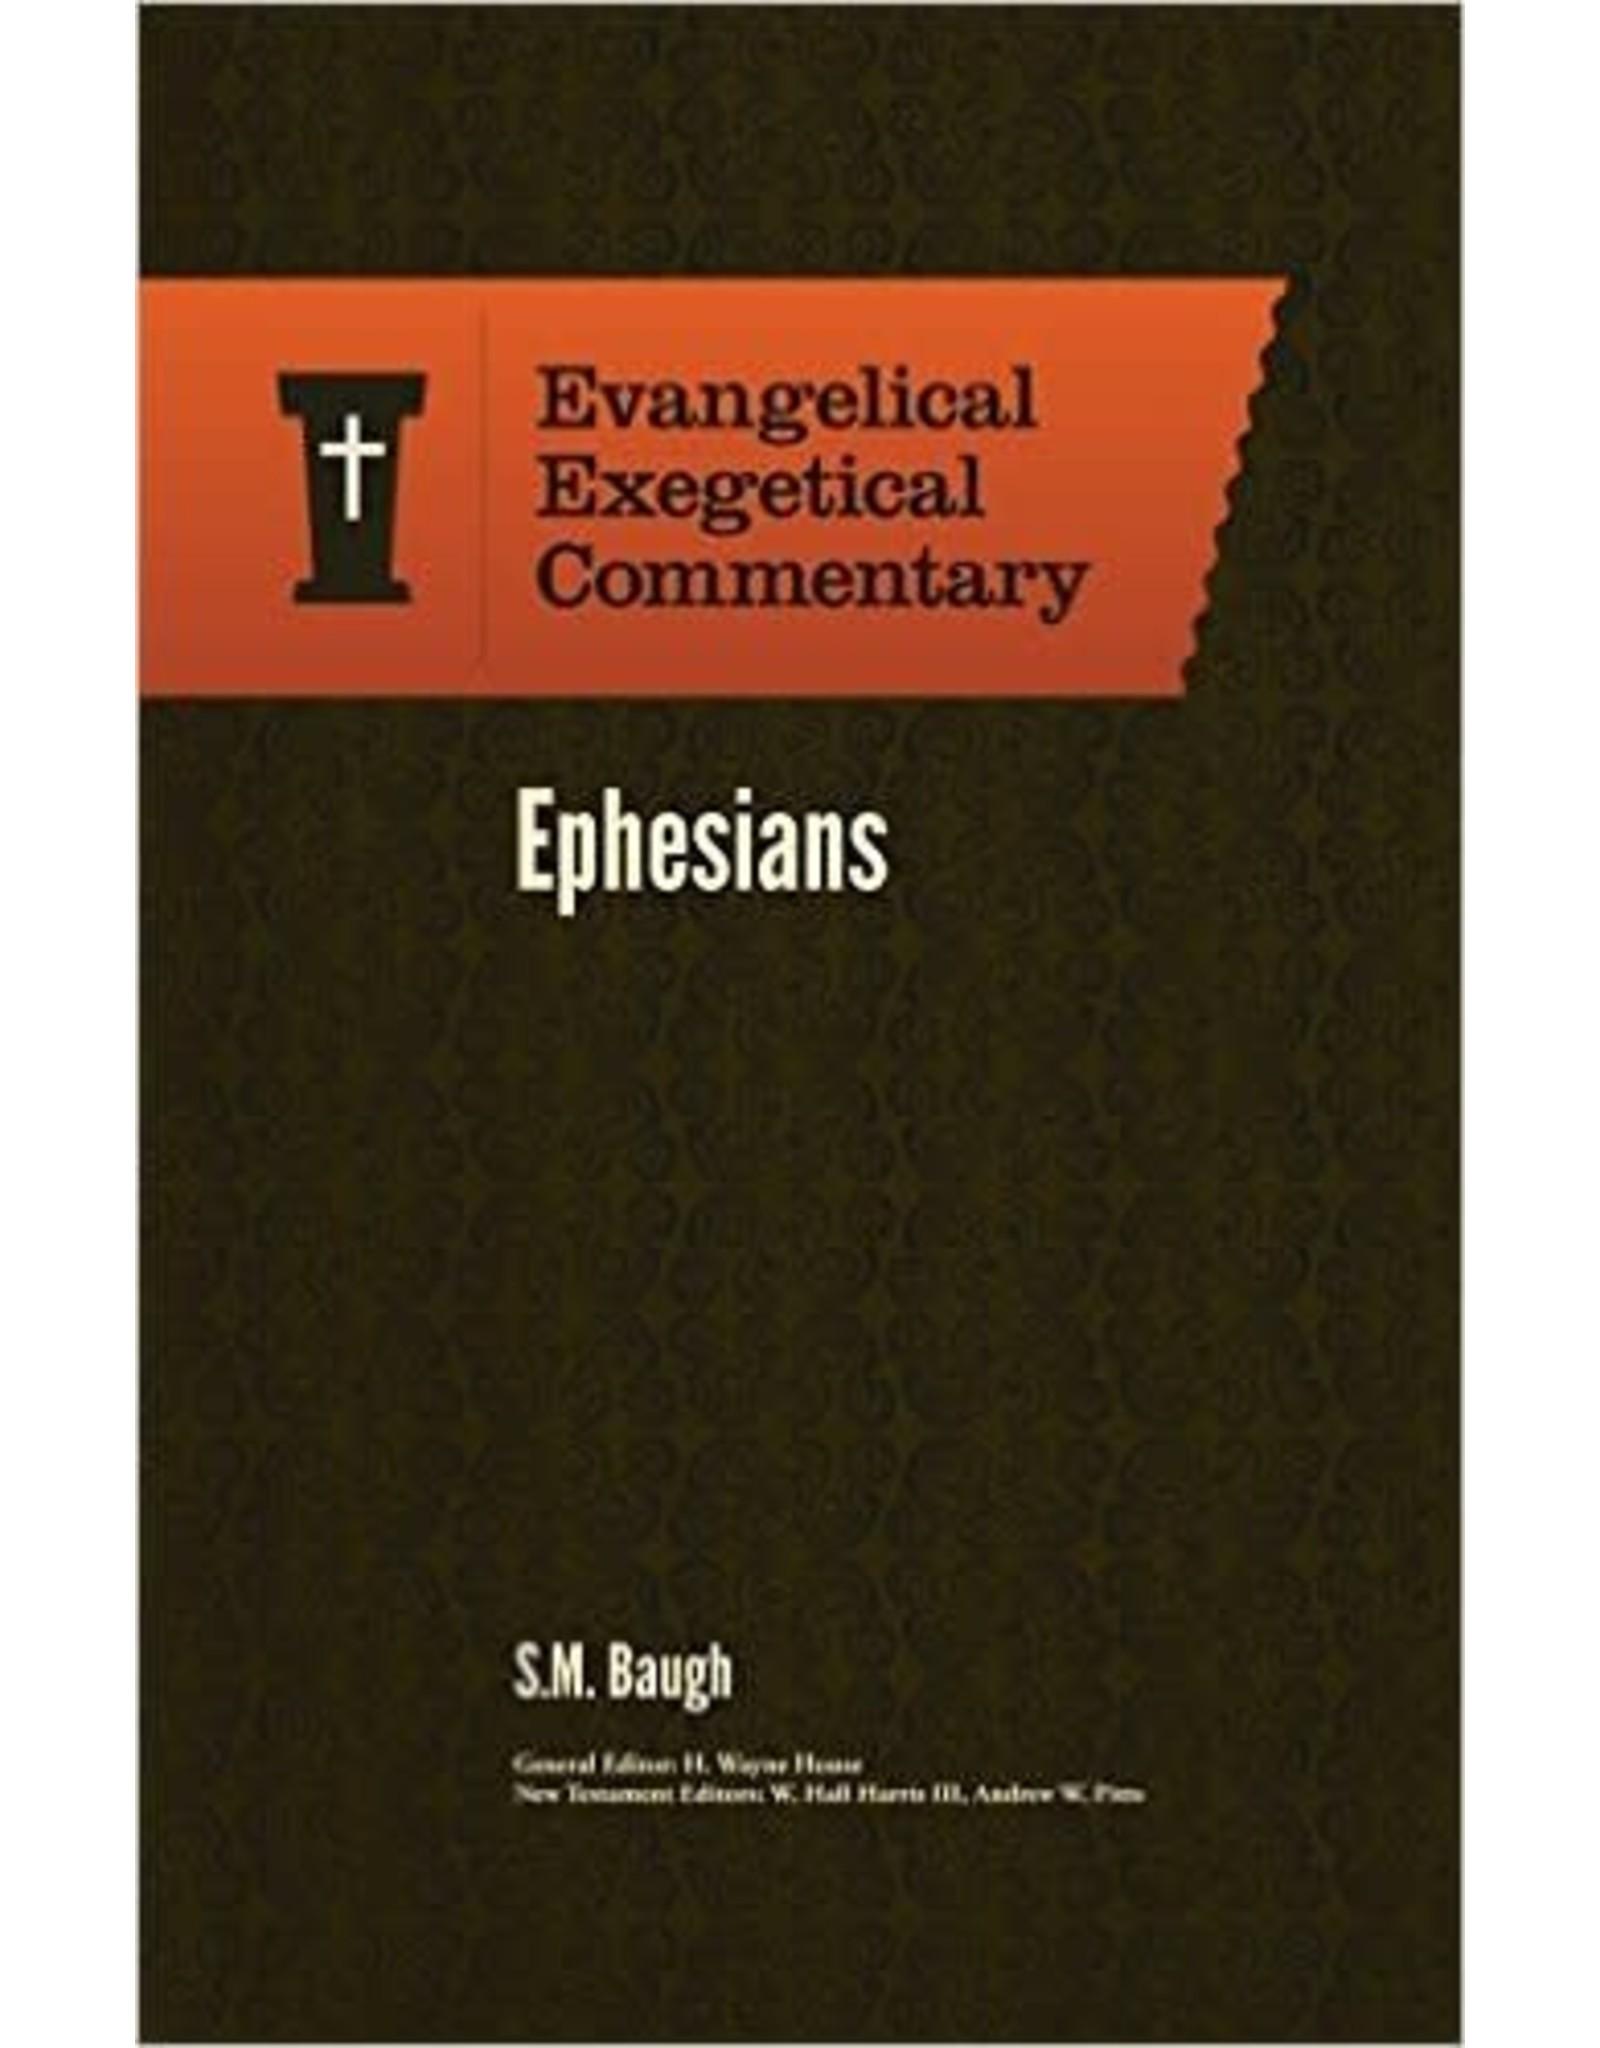 Lexham Press (Bookmasters) Ephesians (EEC)